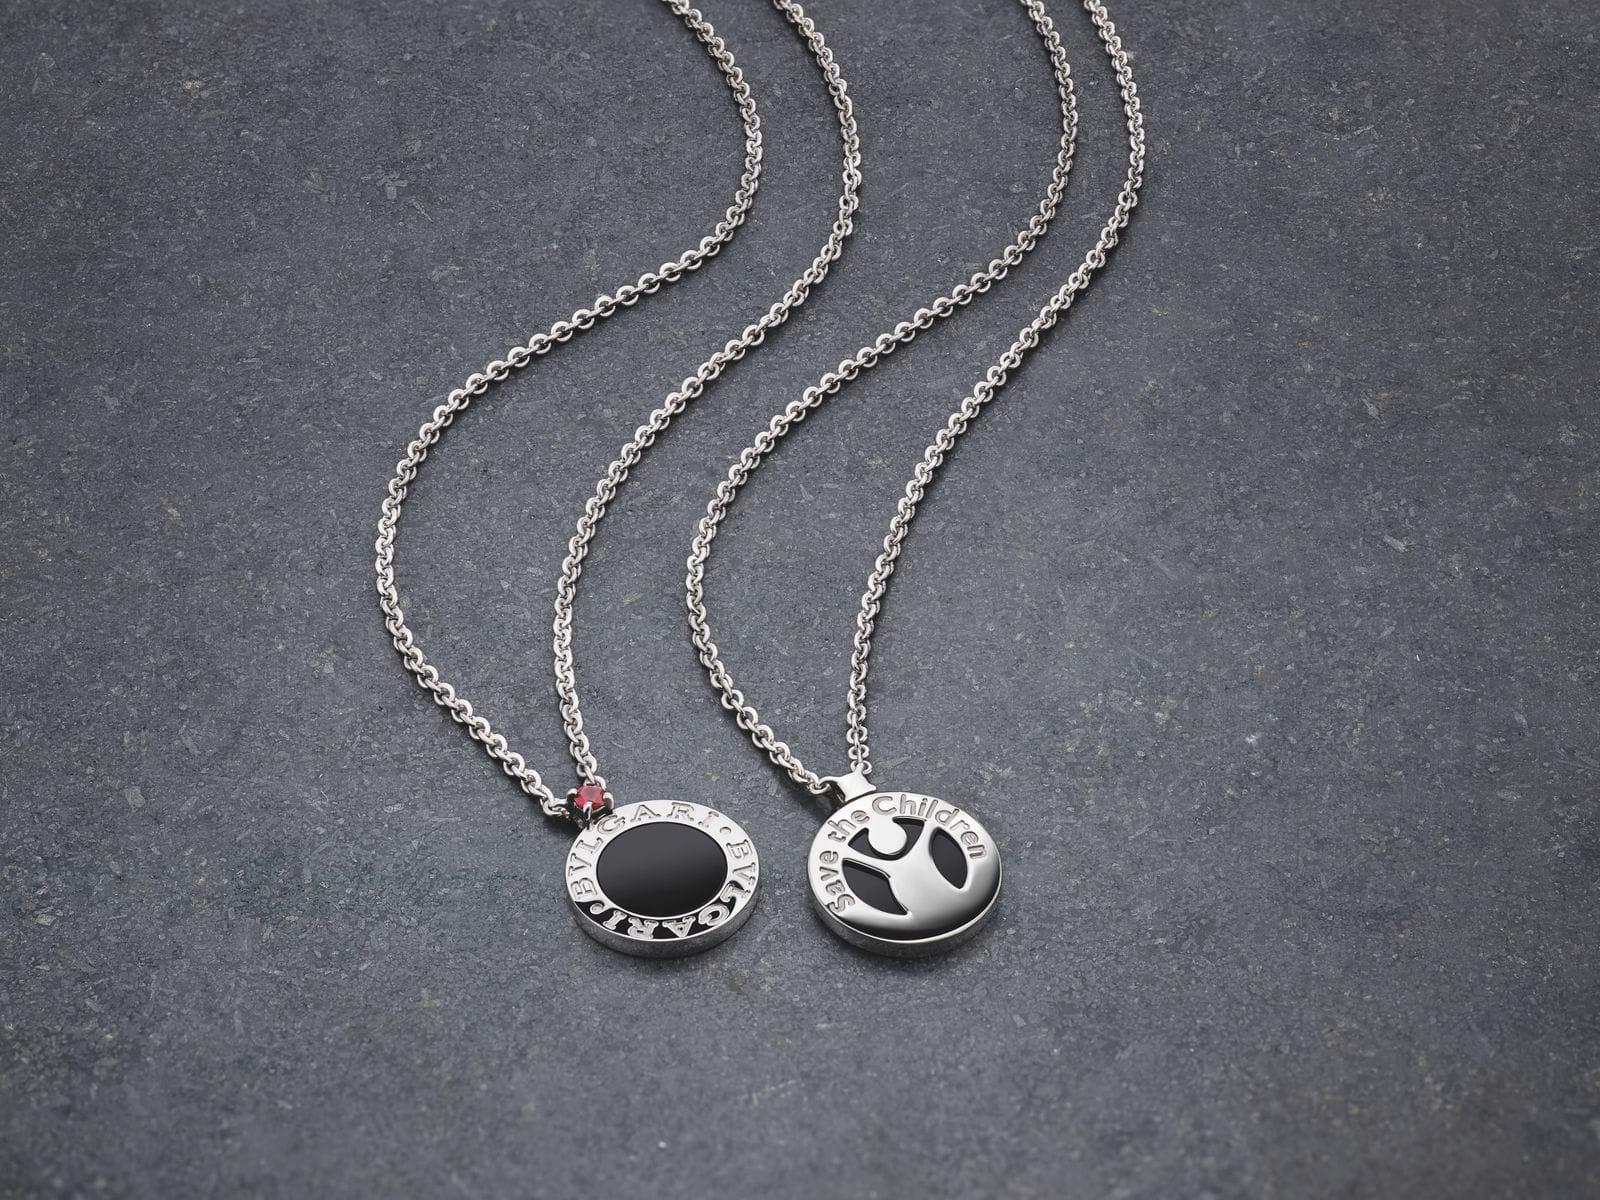 Bvlgari создали серебряный кулон в поддержку организации Save the Children